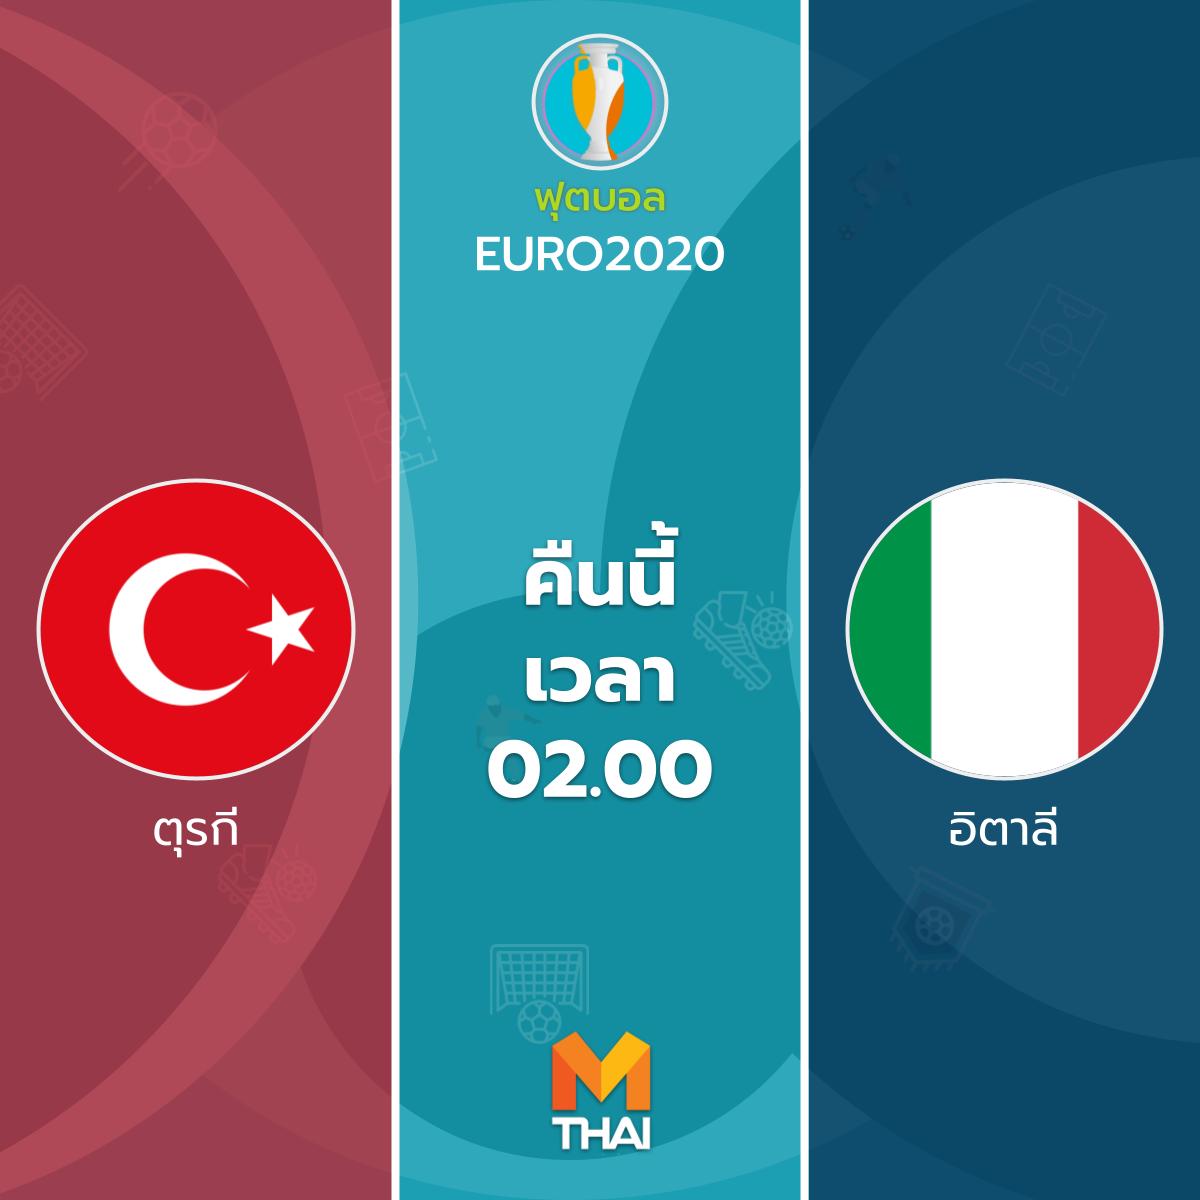 ฟุตบอลทีมชาติตุรกี ฟุตบอลทีมชาติอิตาลี ฟุตบอลยูโร 2020